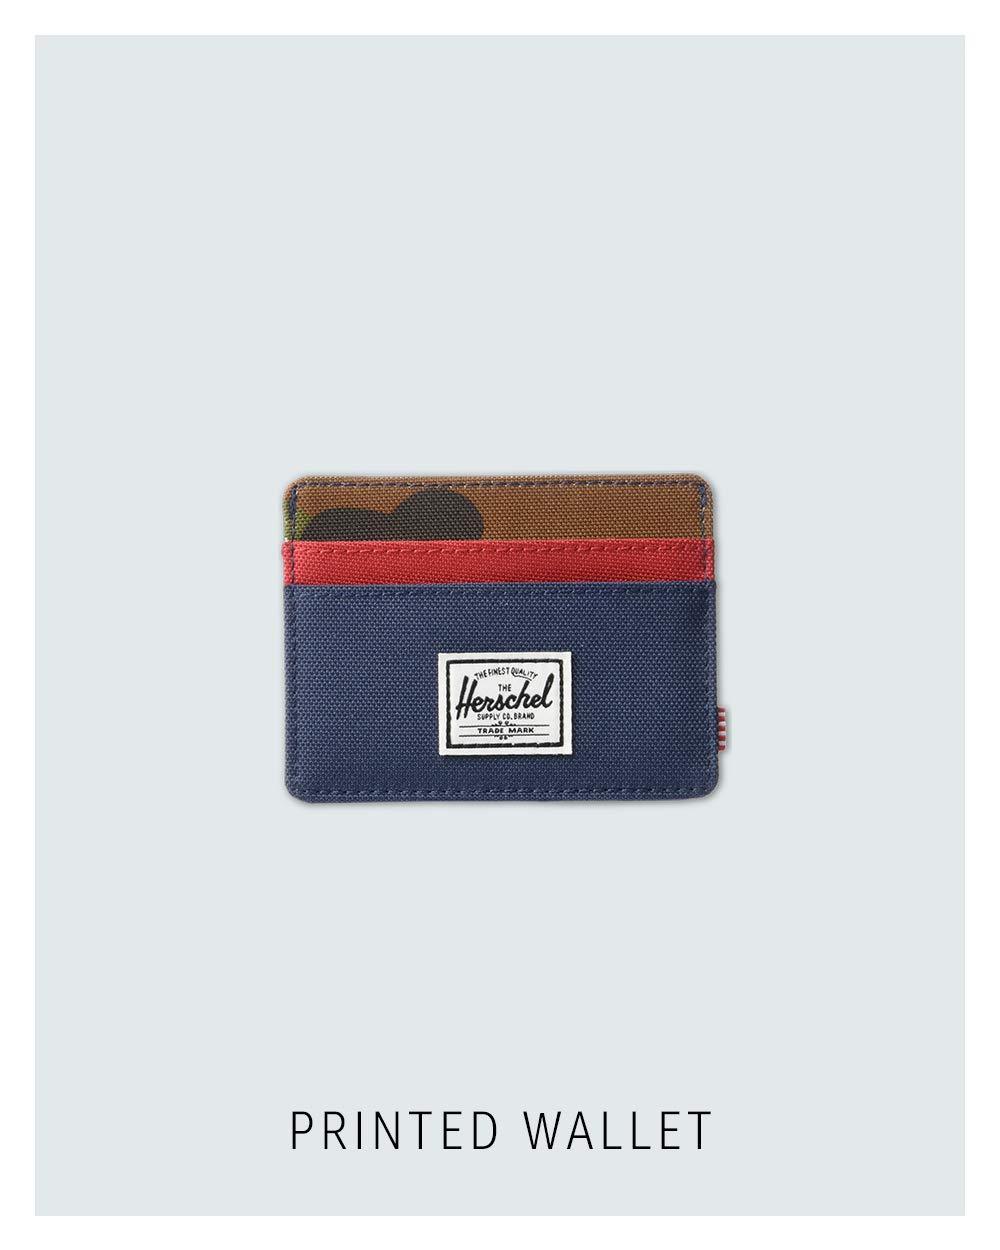 Printed wallet